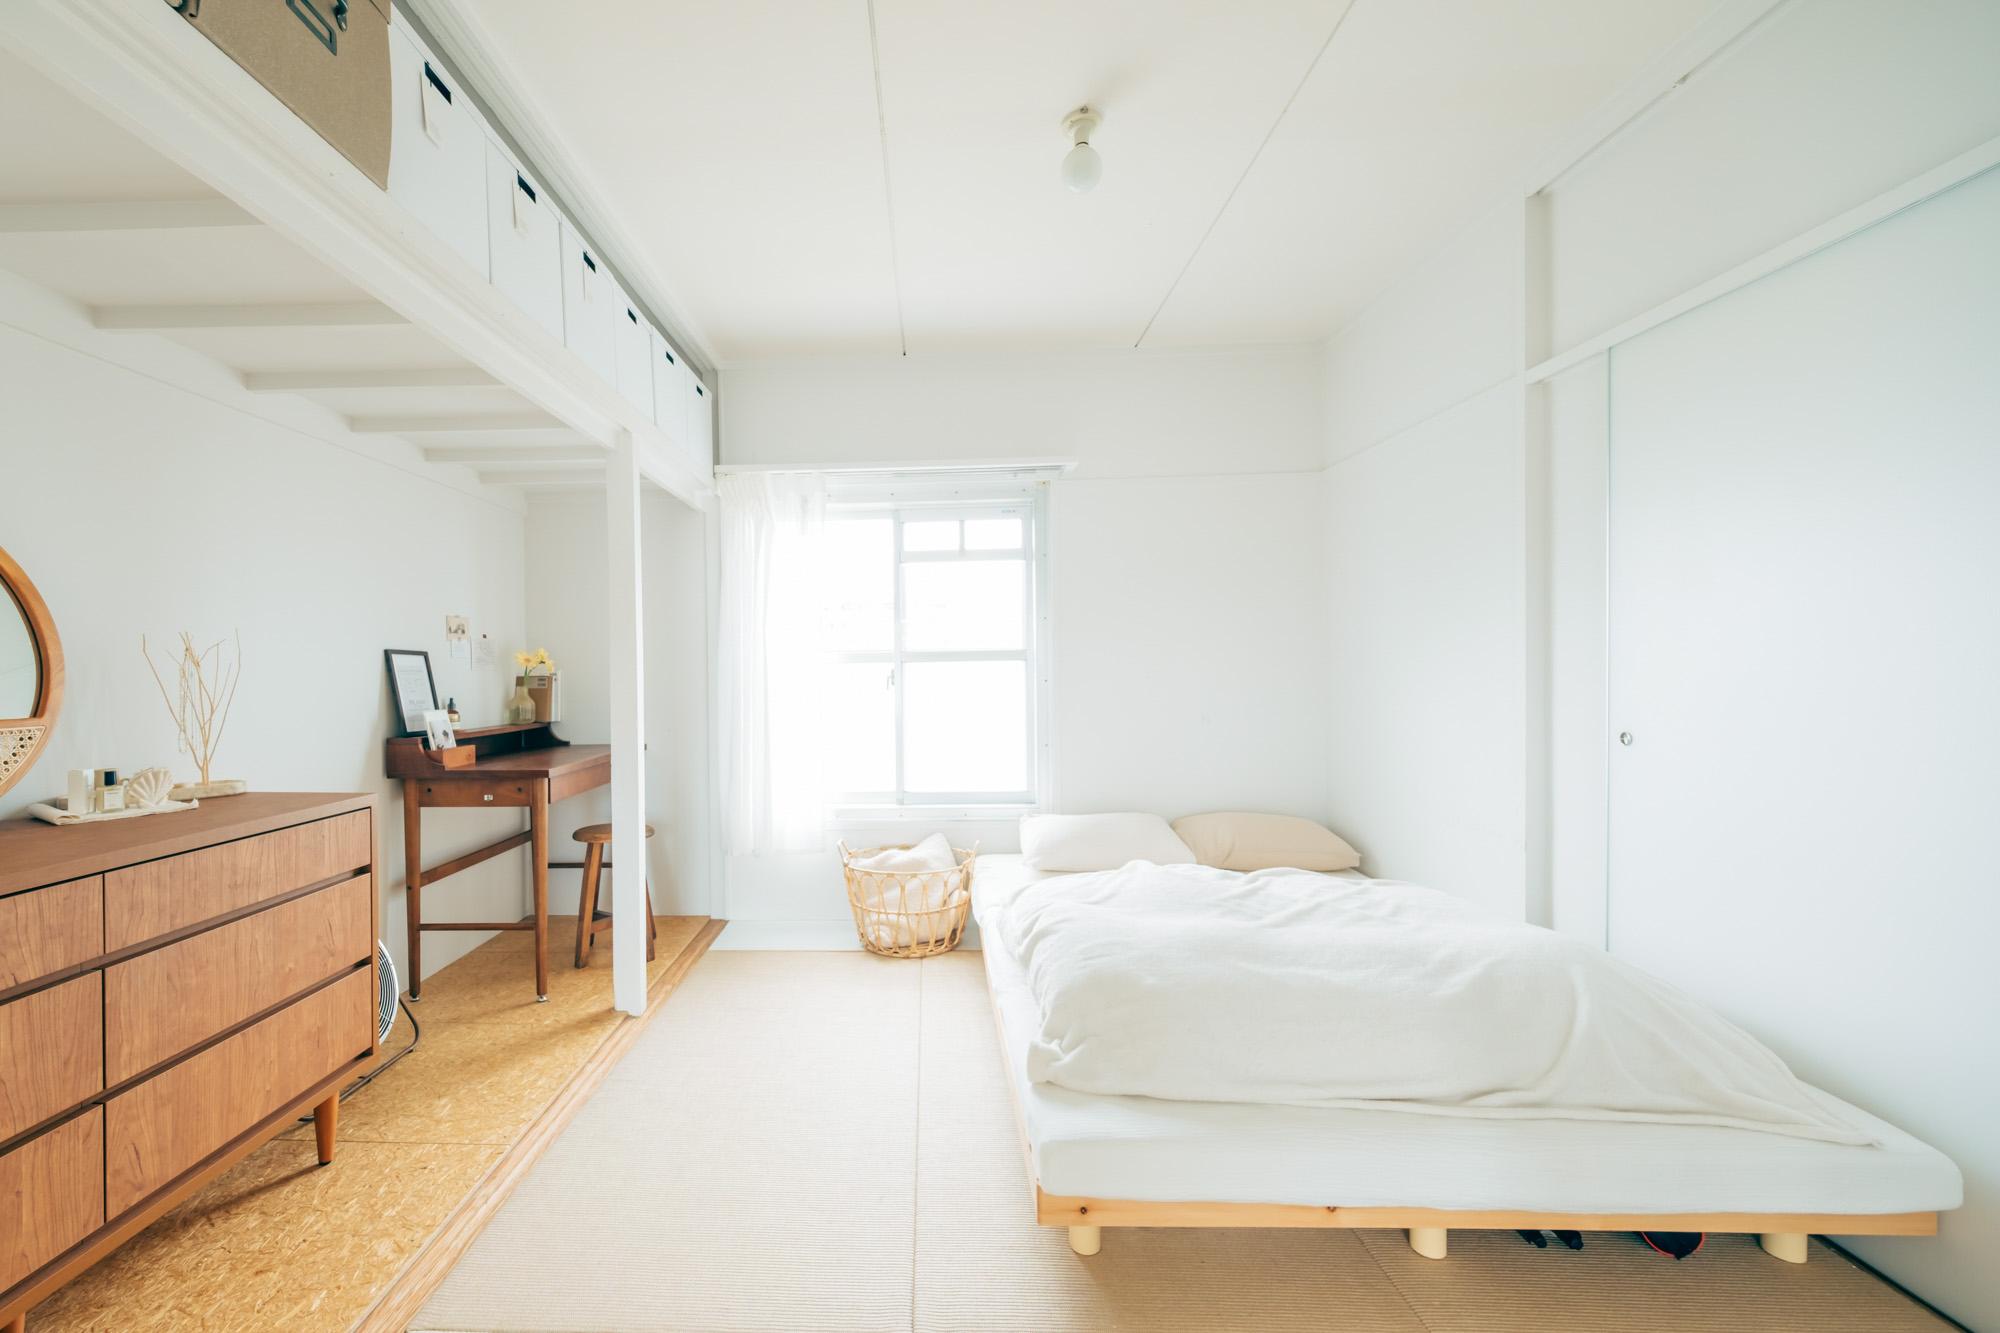 二部屋あるうち1つは寝室と収納、そしてMioさんの書斎に。元は押入れだったスペースを自由に活用して、お部屋を広く使うことができています。1LDKだとなかなか二人の仕事スペースの確保が難しいところを、見事に解消されています。